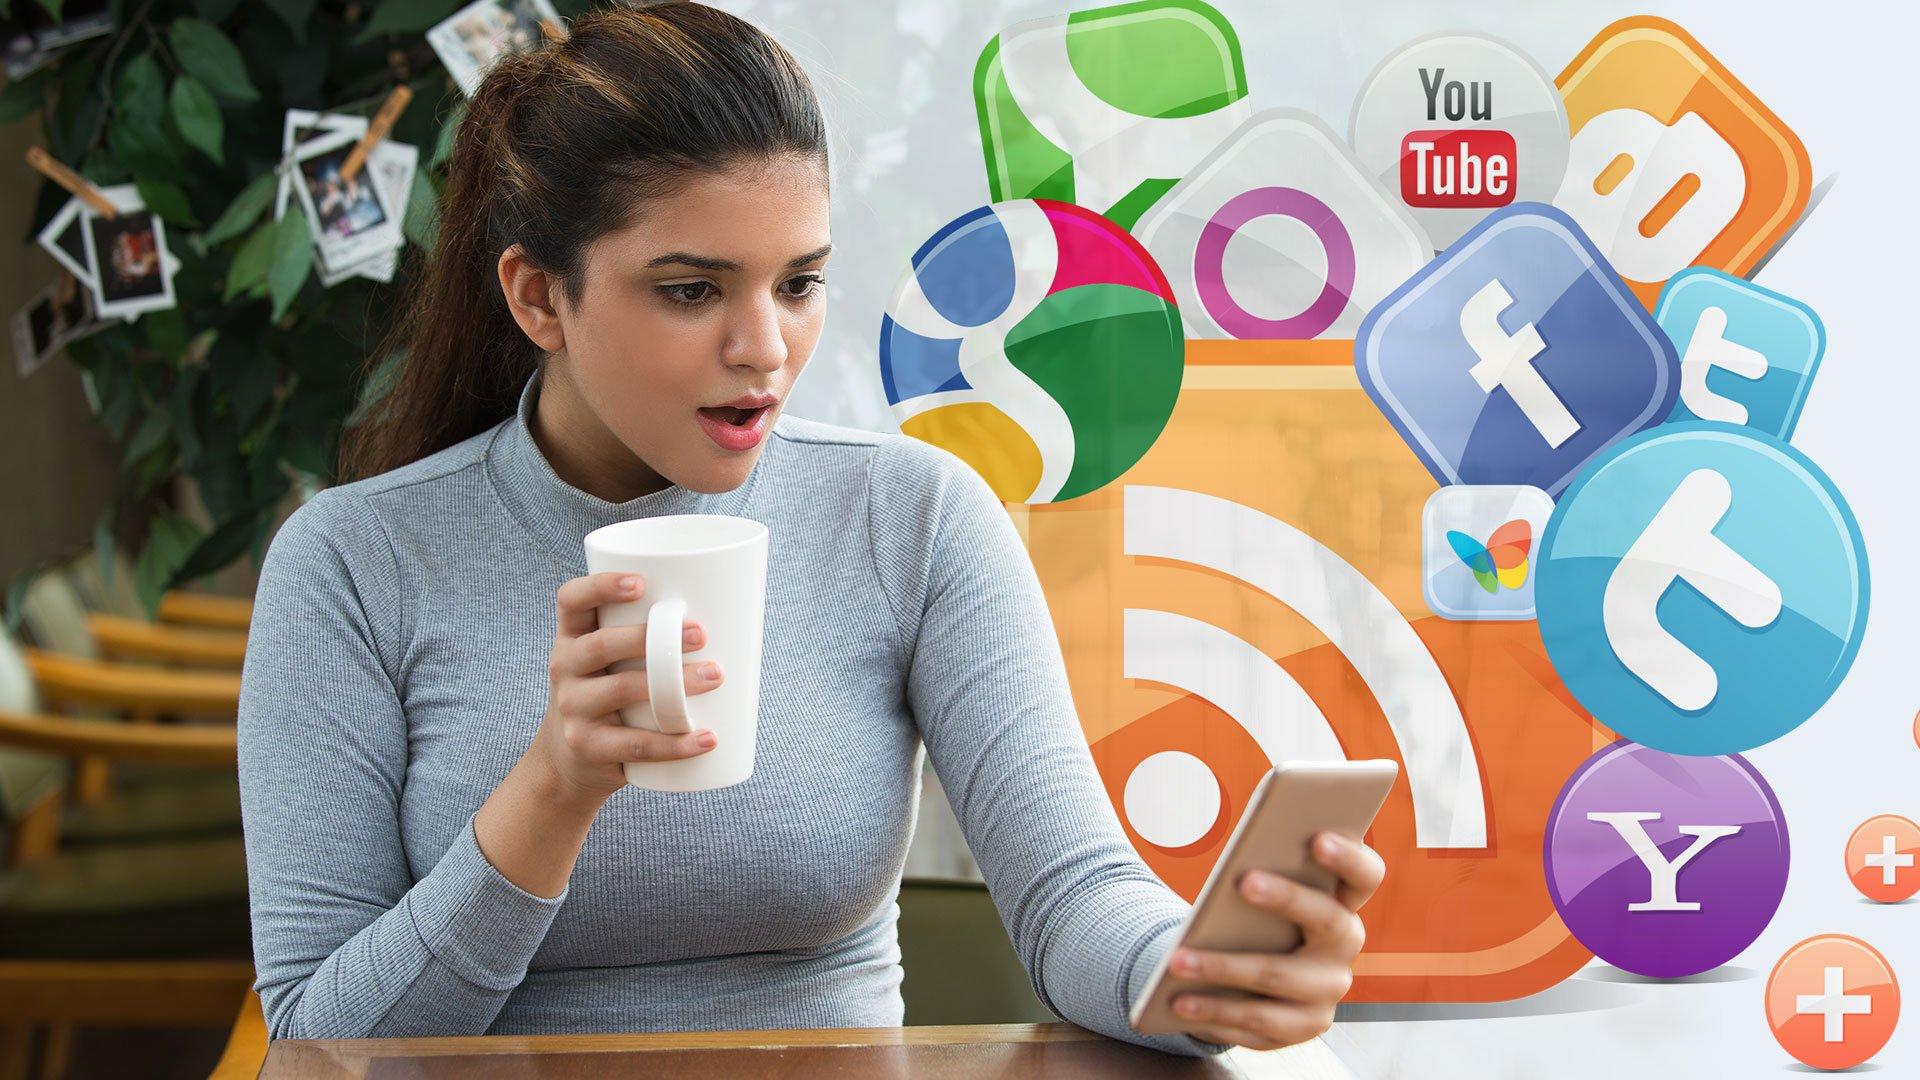 relacionamento com seu público redes sociais